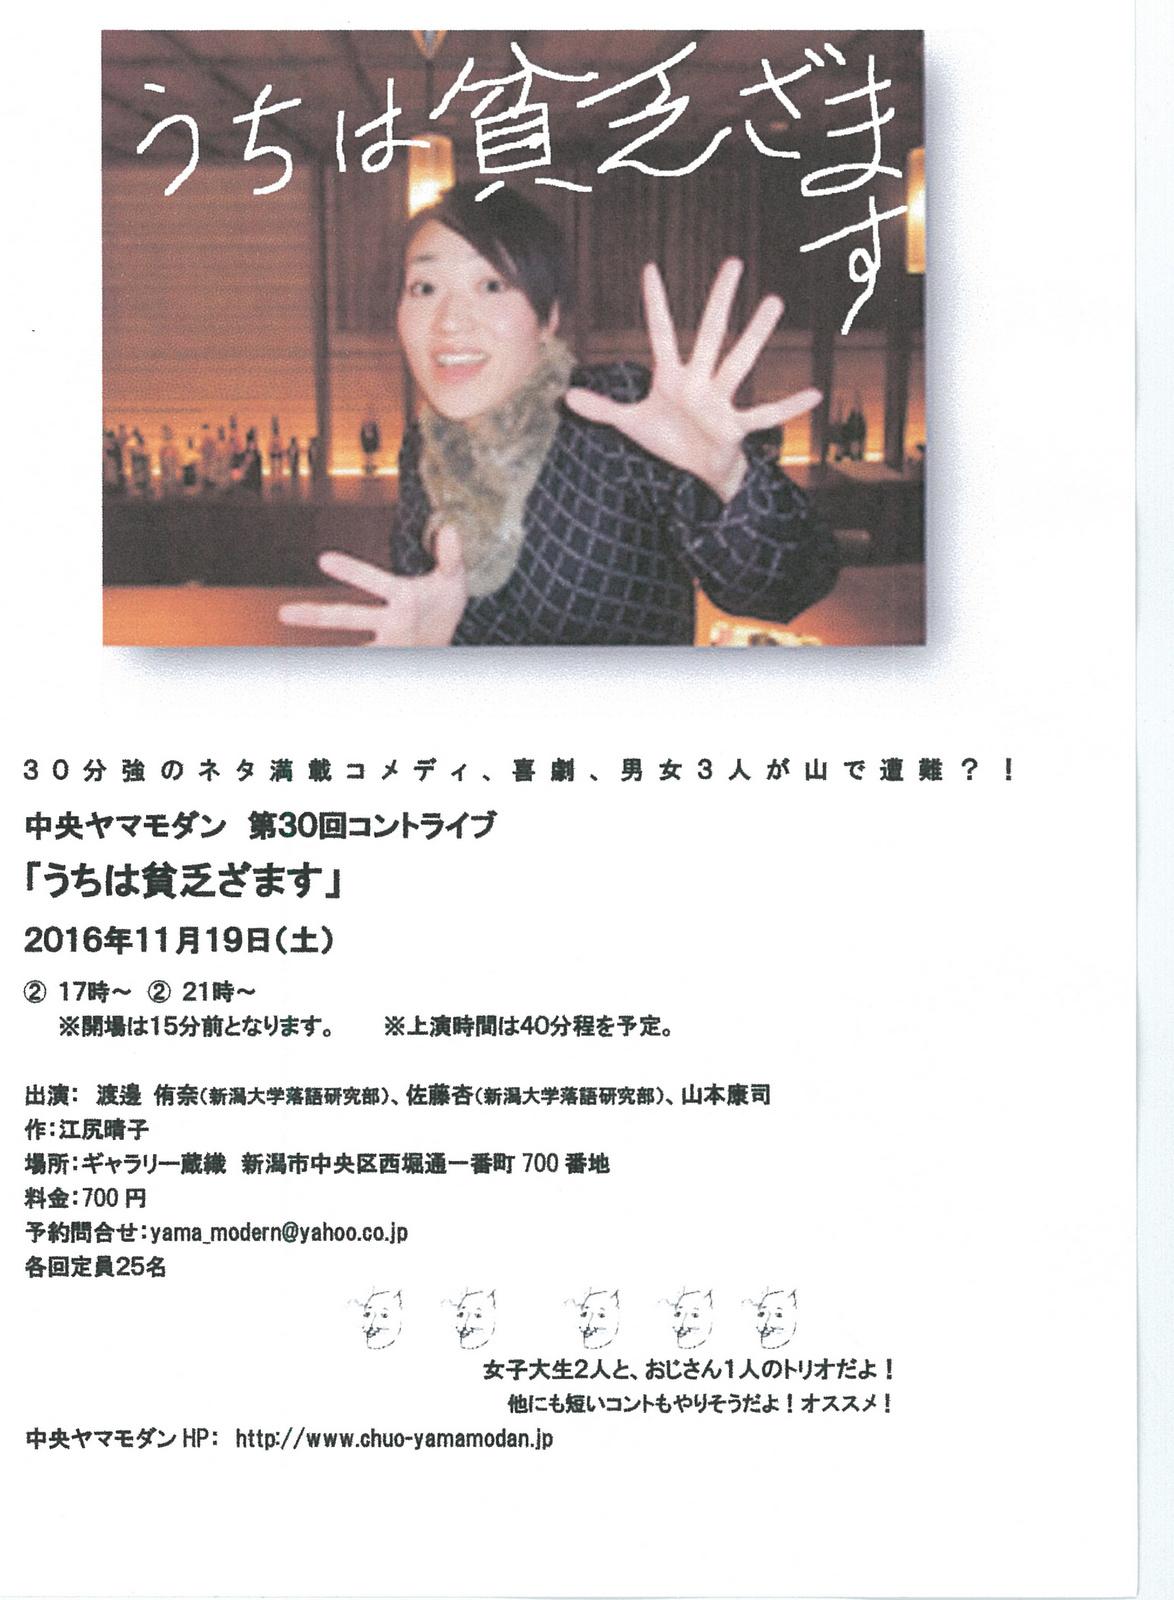 朗読会のリハーサルで小黒亜紀さんいらっしゃいませ。_e0046190_17443398.jpg